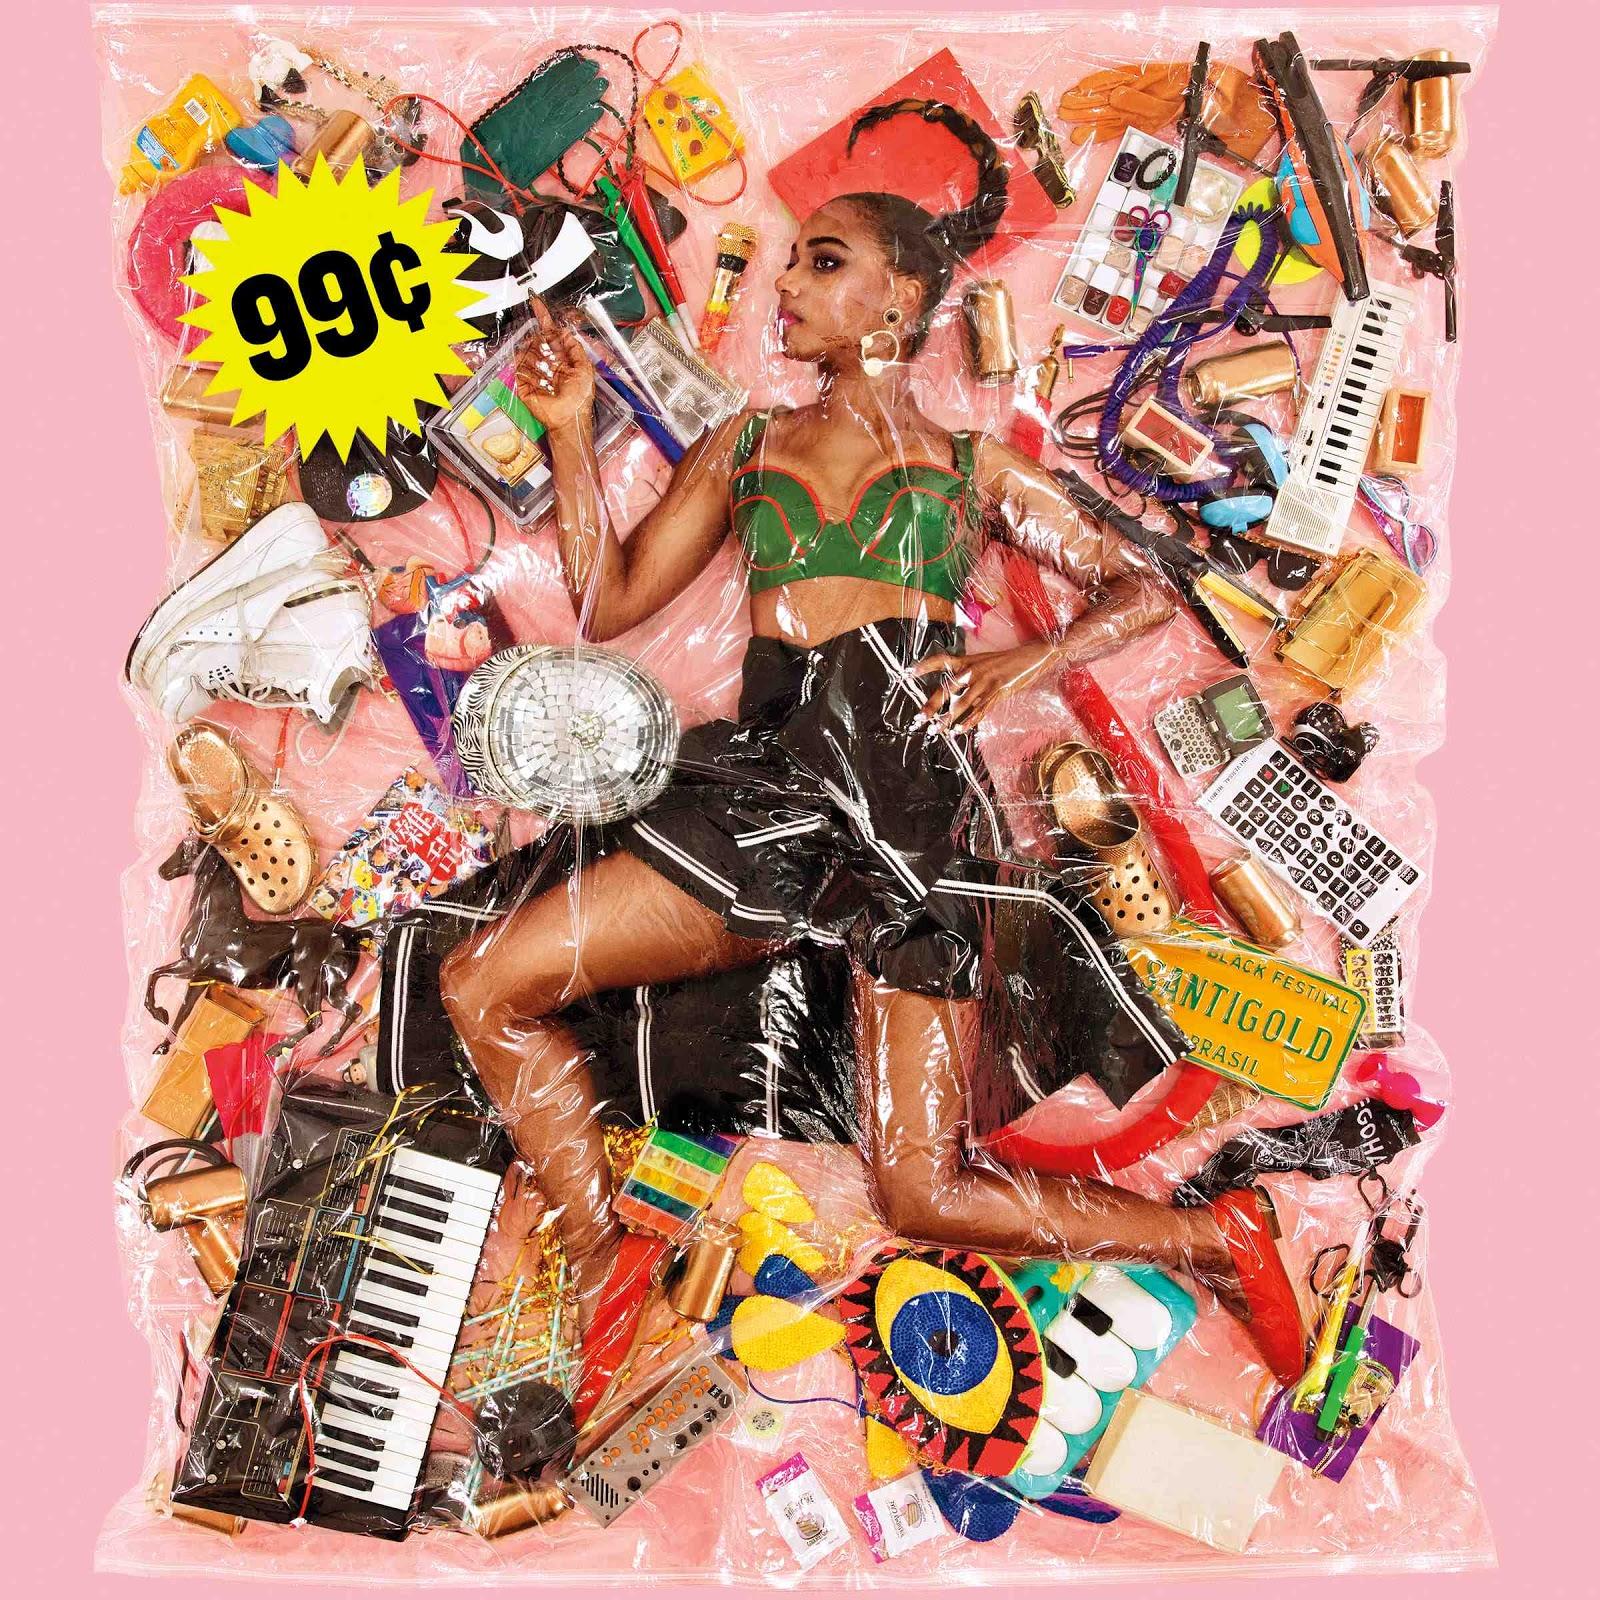 99¢' by Santigold, album review by Graham Caldwell. Santigold's '99¢' comes out February 5th via Atlantic Records.